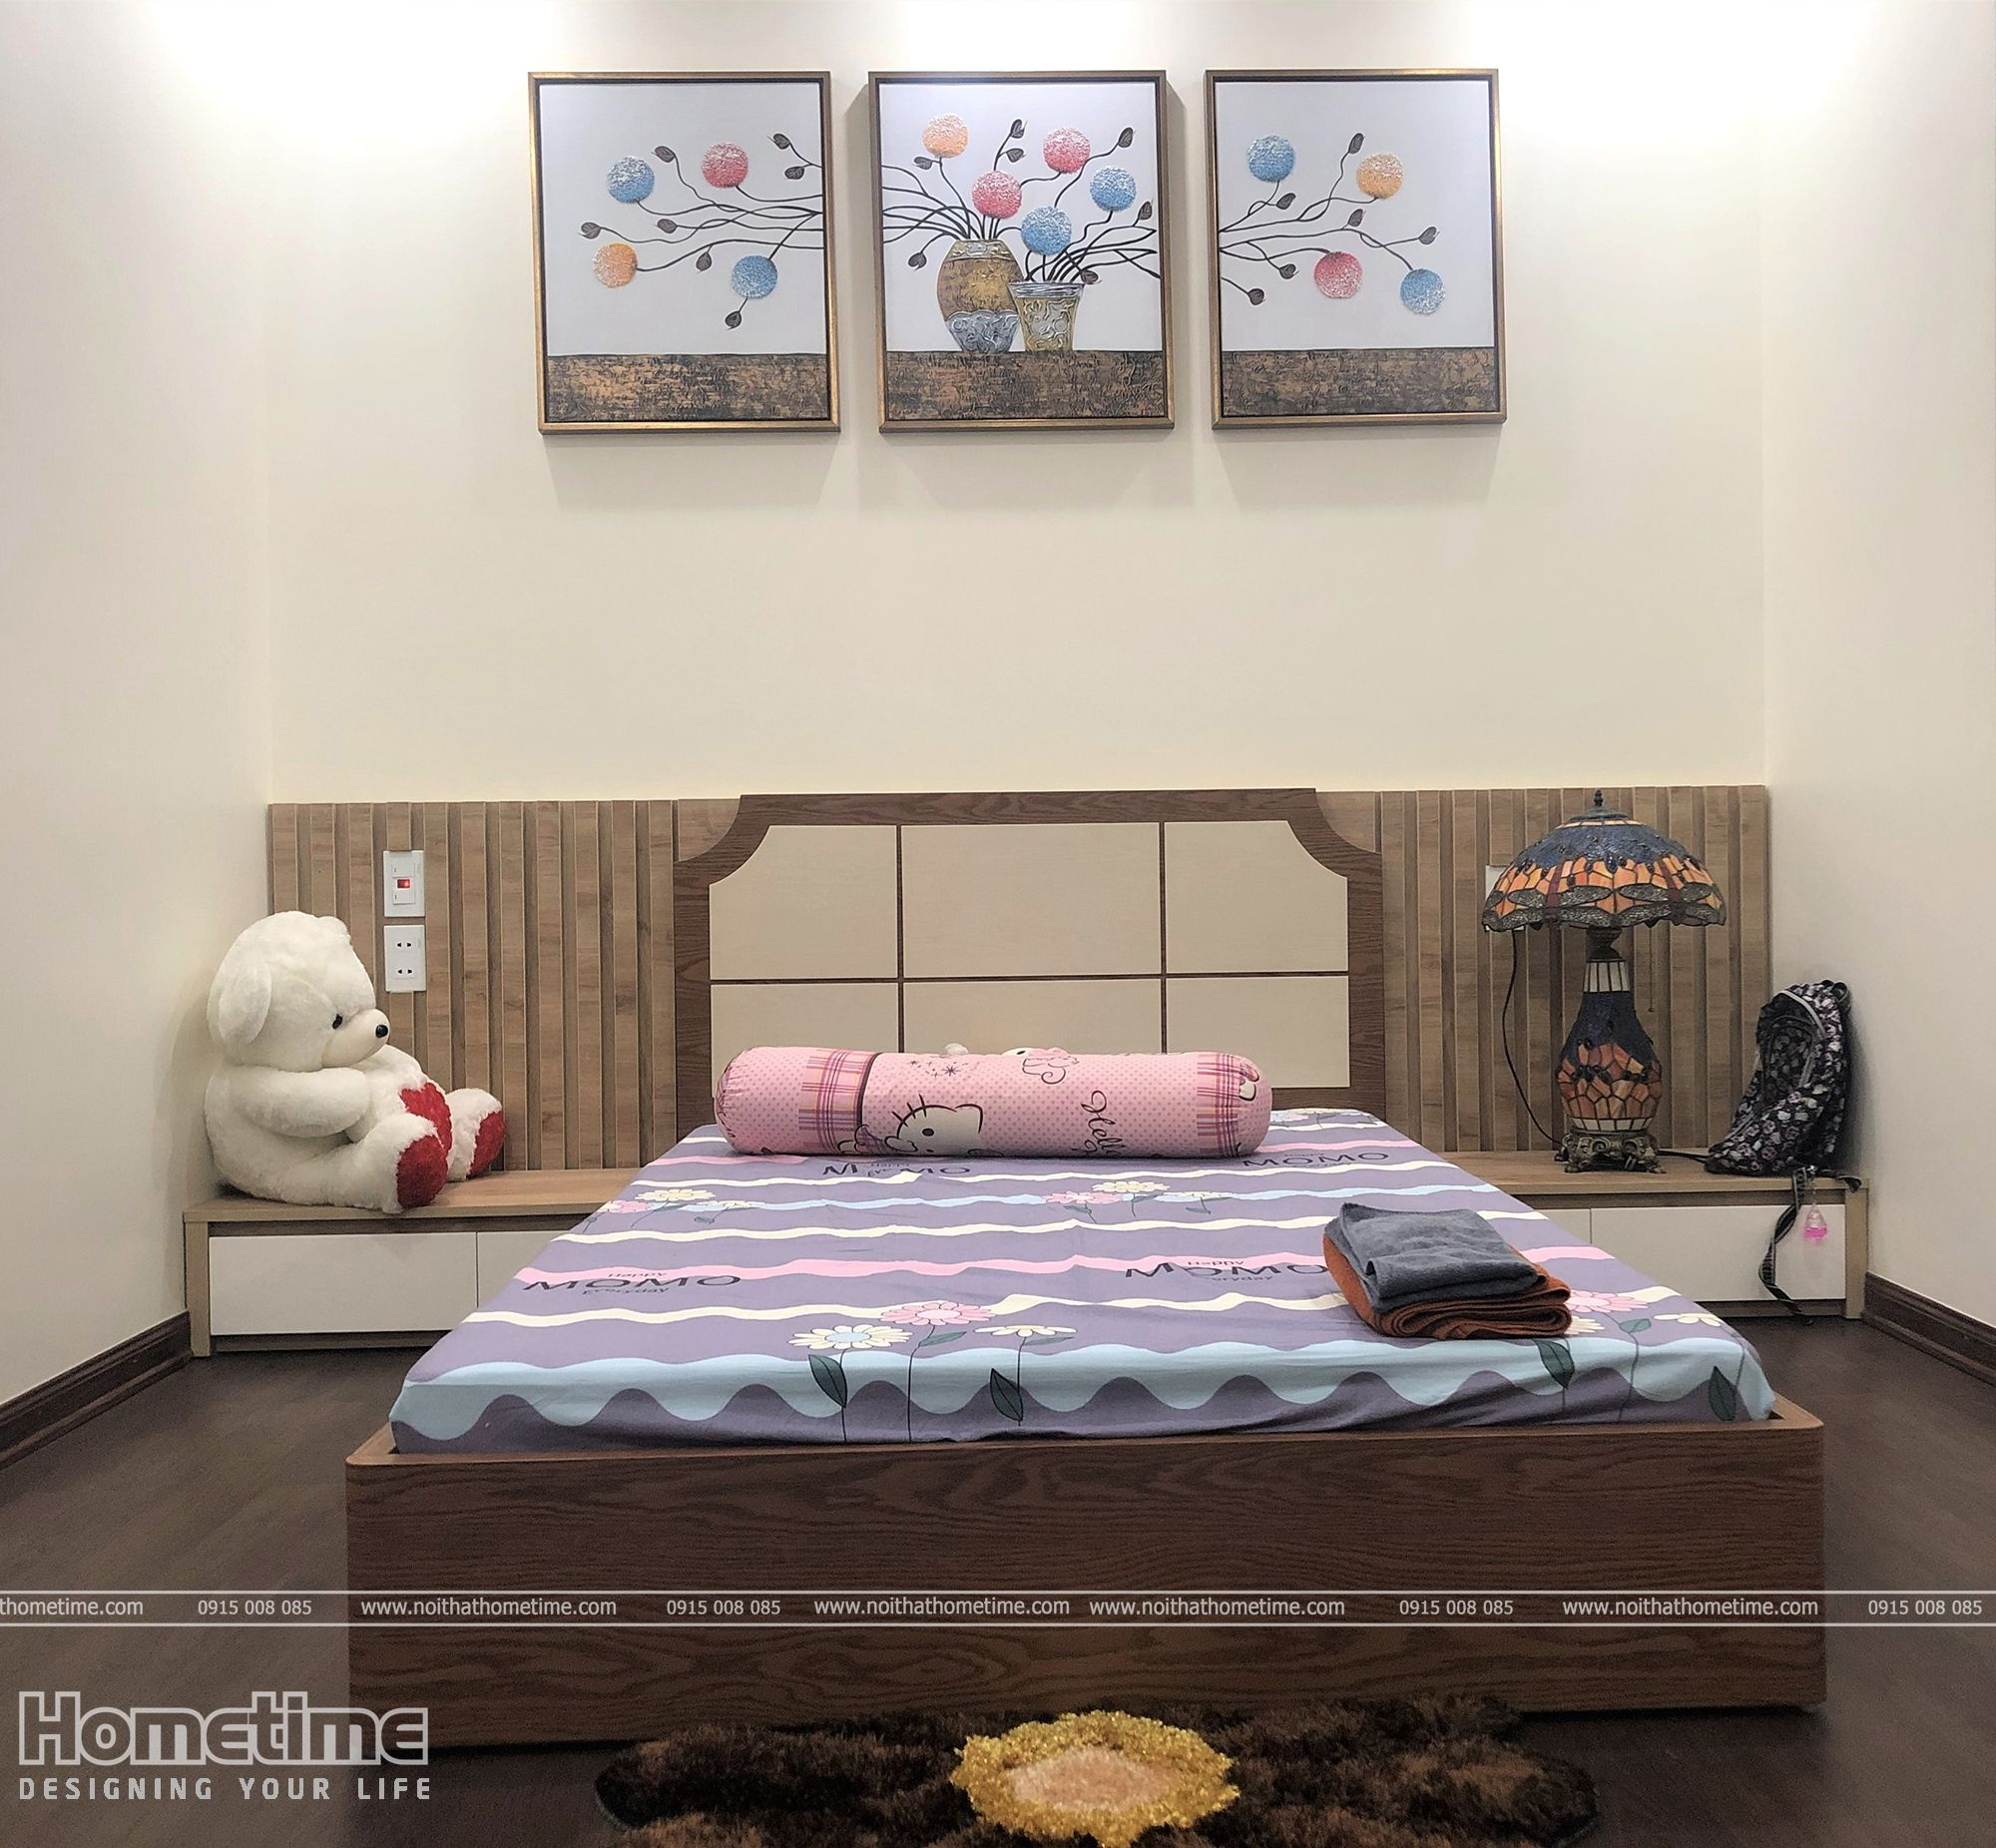 Thiết kế vách trang trí đầu giường hài hòa